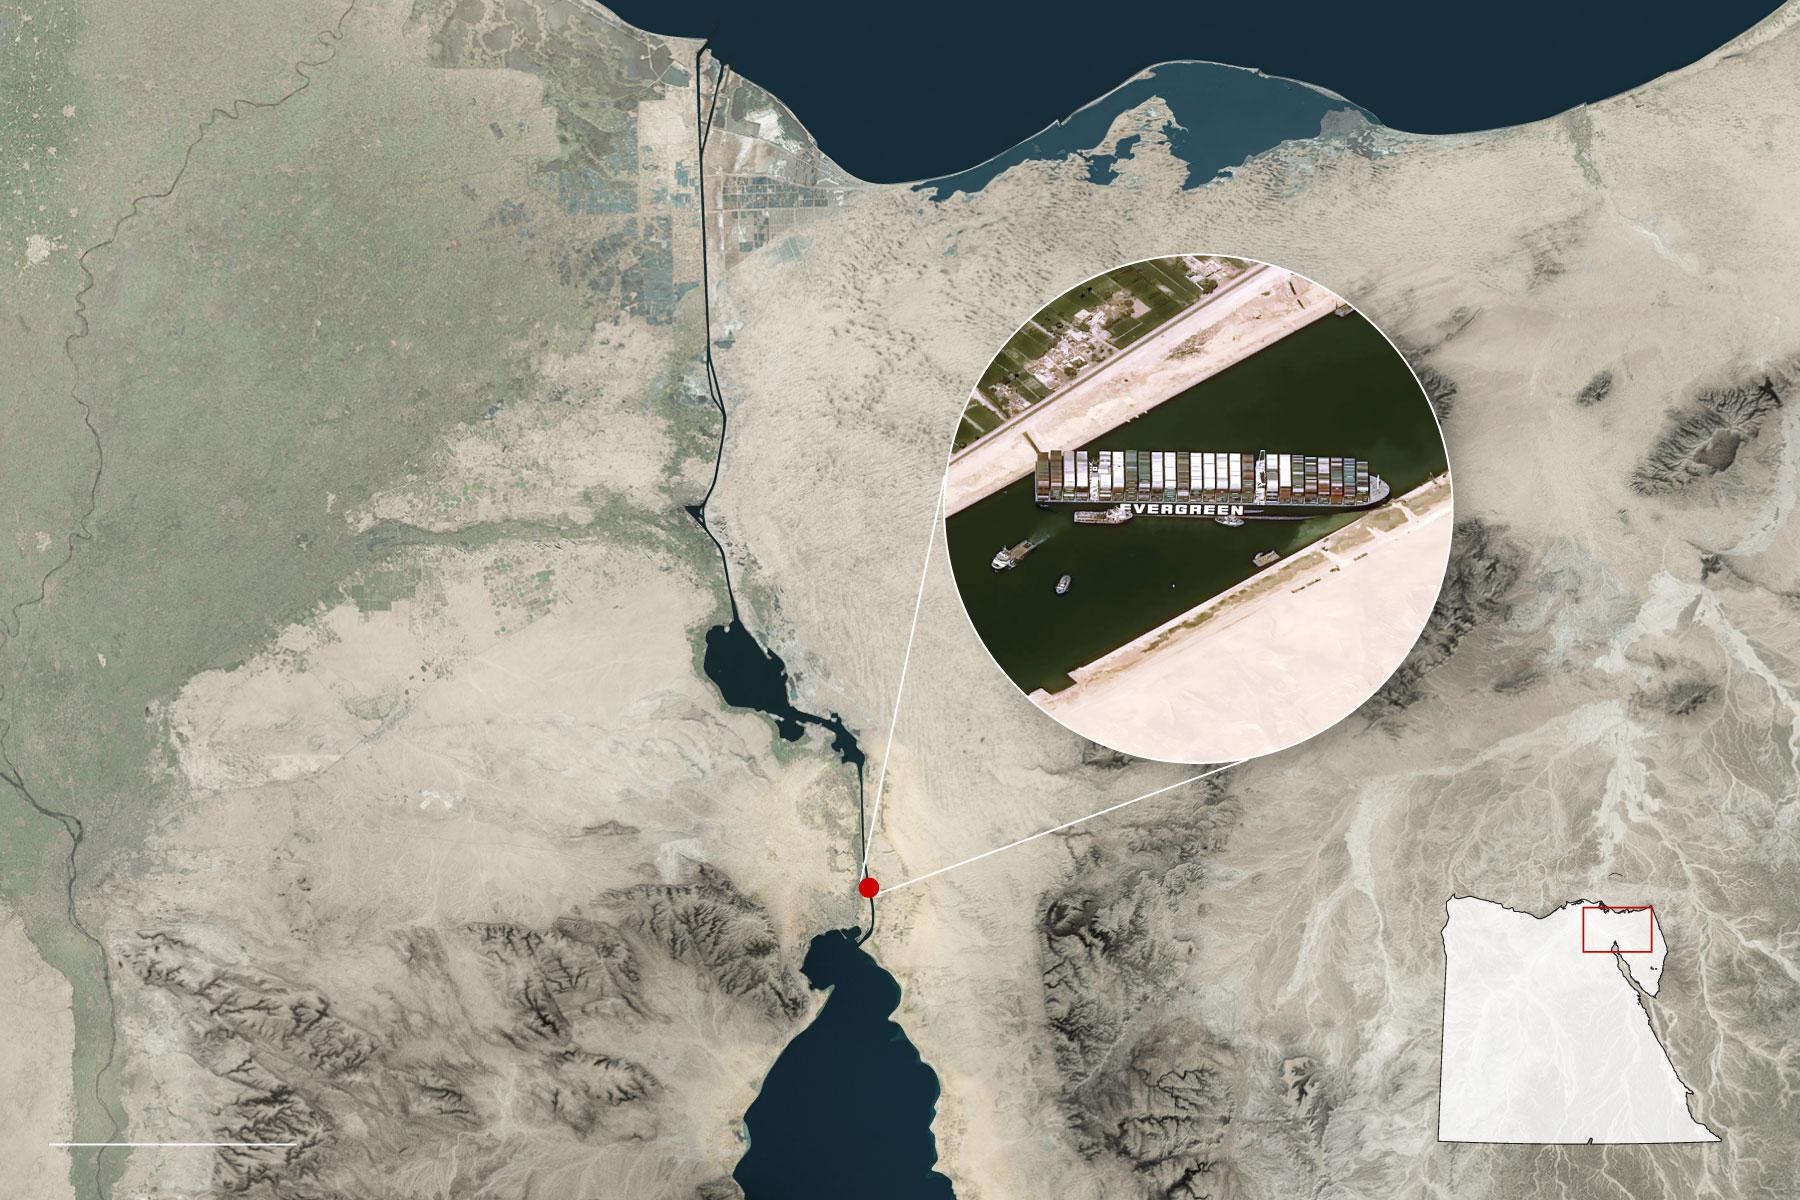 Tầm quan trọng của kênh đào Suez nhìn từ trang sử lúc trầm, lúc bổng hơn 150 năm  - Ảnh 2.